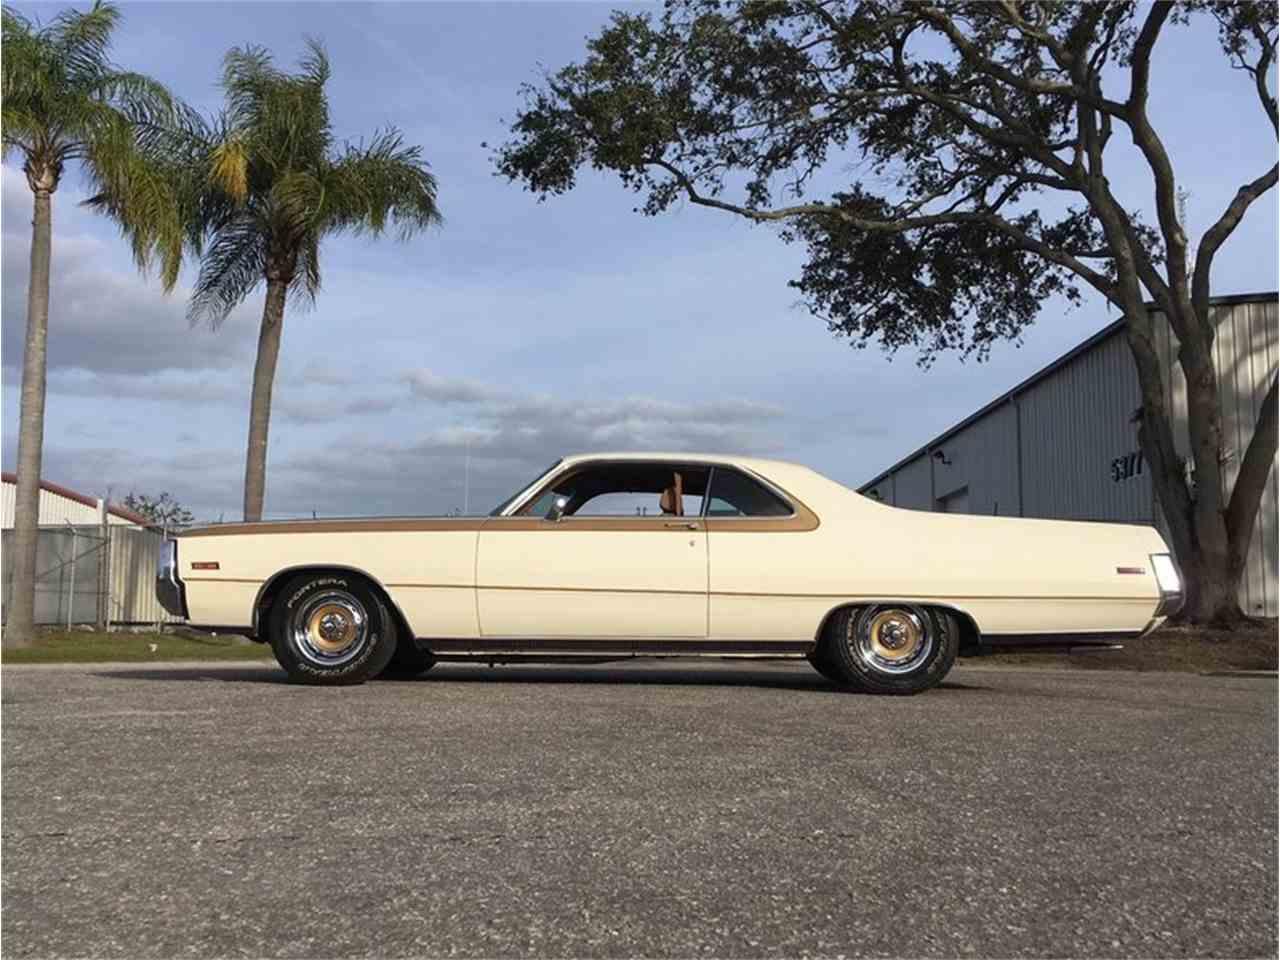 1970 Chrysler 300 Convertible For Sale: 1970 Chrysler 300 Hurst Hardtop For Sale